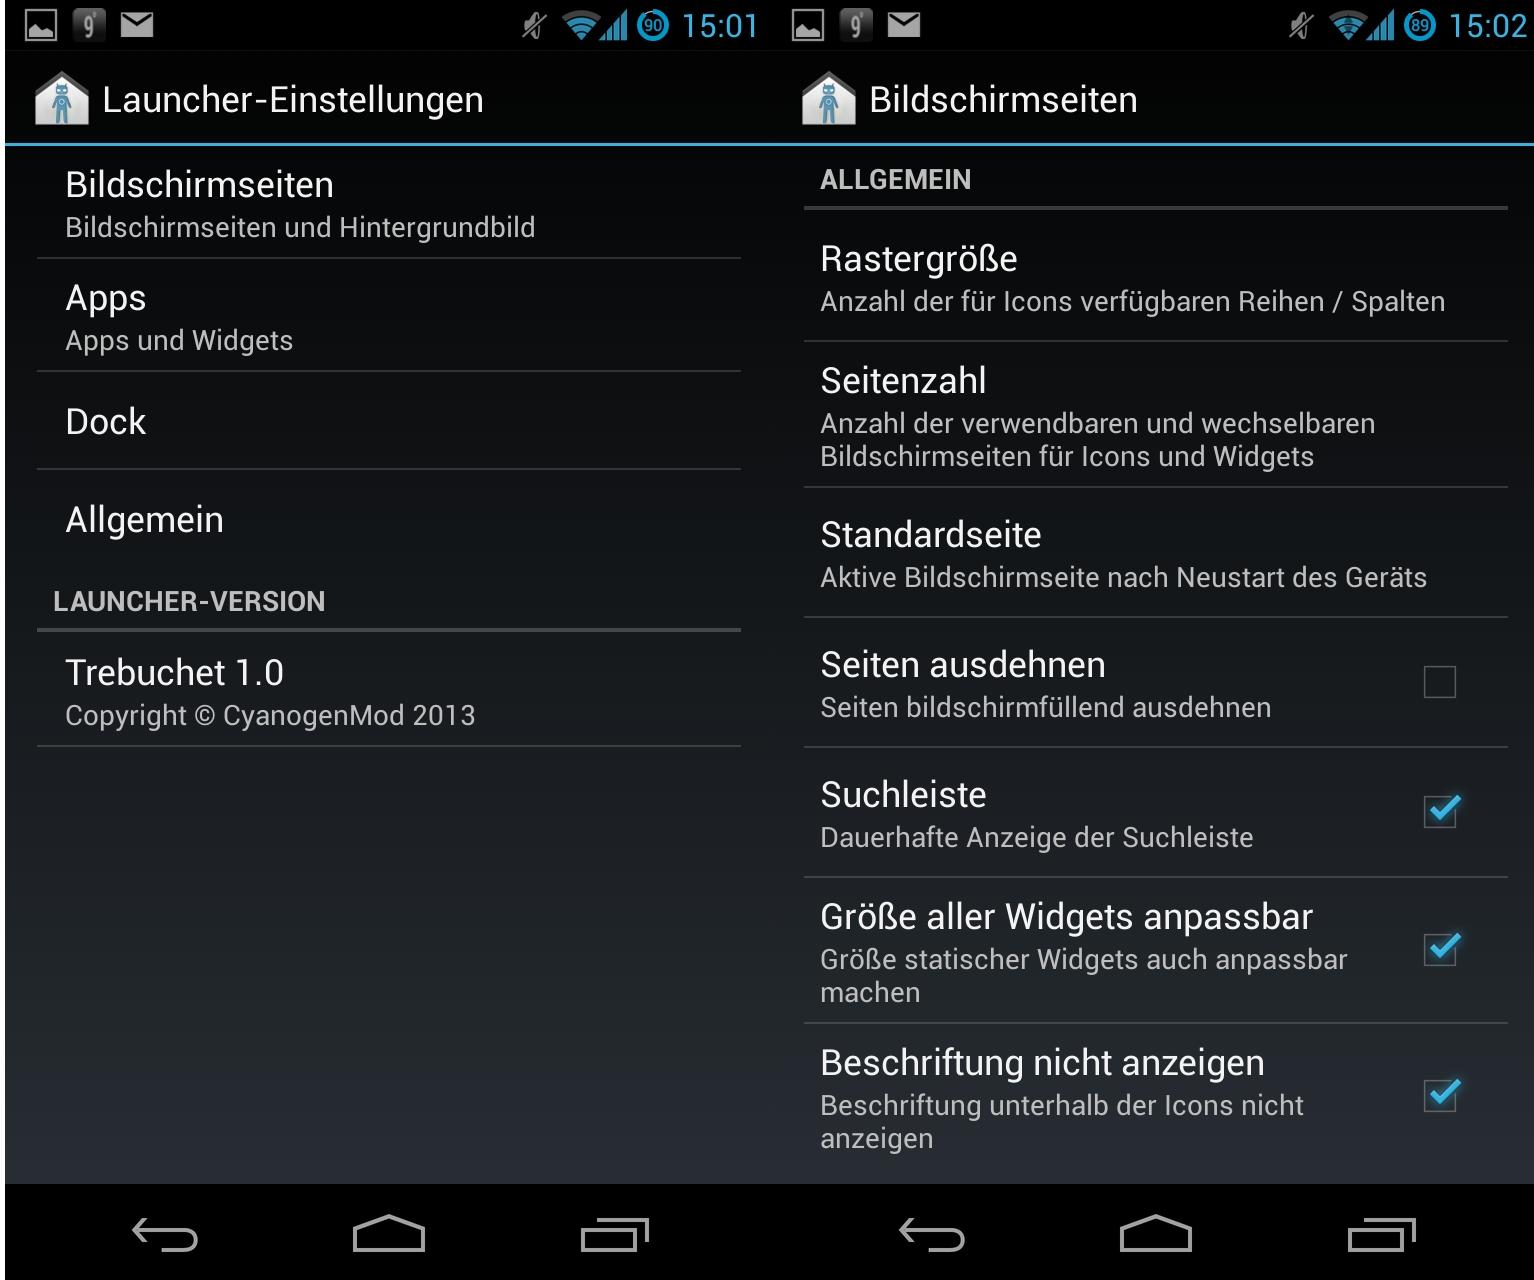 Der in CyanogenMod 10.1 enthaltene Launcher Trebuchet stellt die zentrale Benutzeroberfläche bereit. Er bietet zahlreiche Konfigurationseinstellungen, die Bildschirmseiten, Apps, Dock und Allgemein umfassen.<br> Beispielsweise lässt sich die Größe aller Widgets anpassen, die Beschriftung unter den Symbolen und die Suchleiste ausblenden, die Anzahl der Bildschirmseiten festlegen und die Rasterung für Reihen und Spalten einstellen.